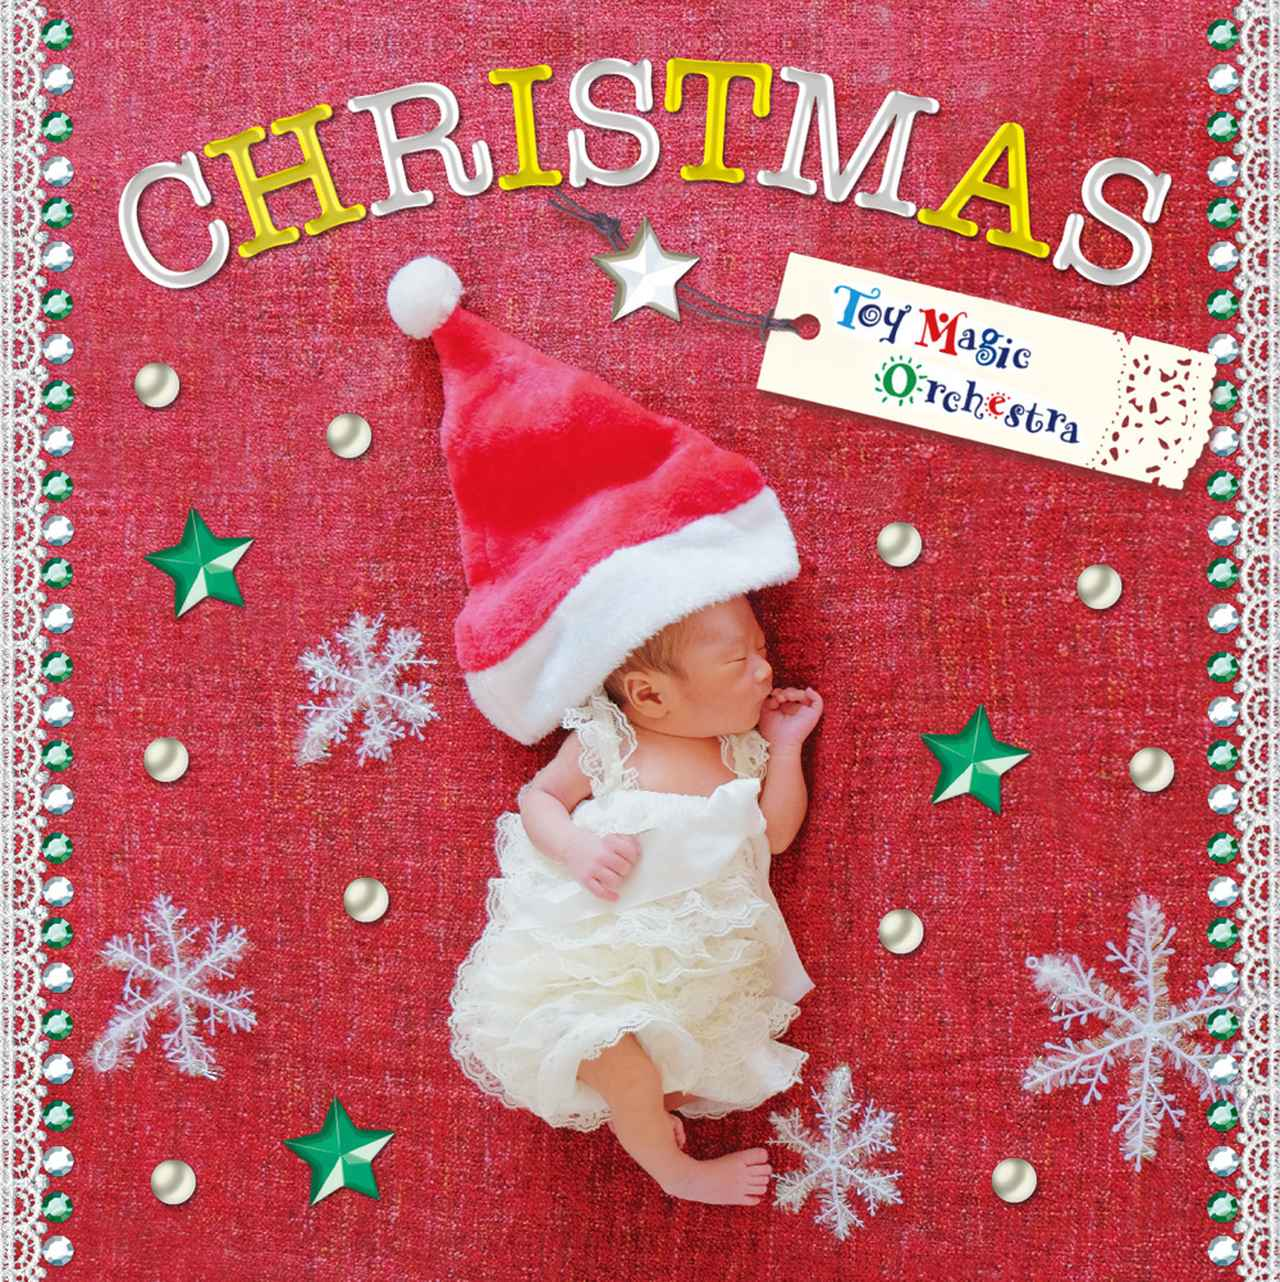 画像: クリスマス気分を盛り上げたい! 「クリスマス☆トイ・マジック・オーケストラ 〜おもちゃサウンドでHappy X'mas!〜」トイ・マジック・オーケストラ